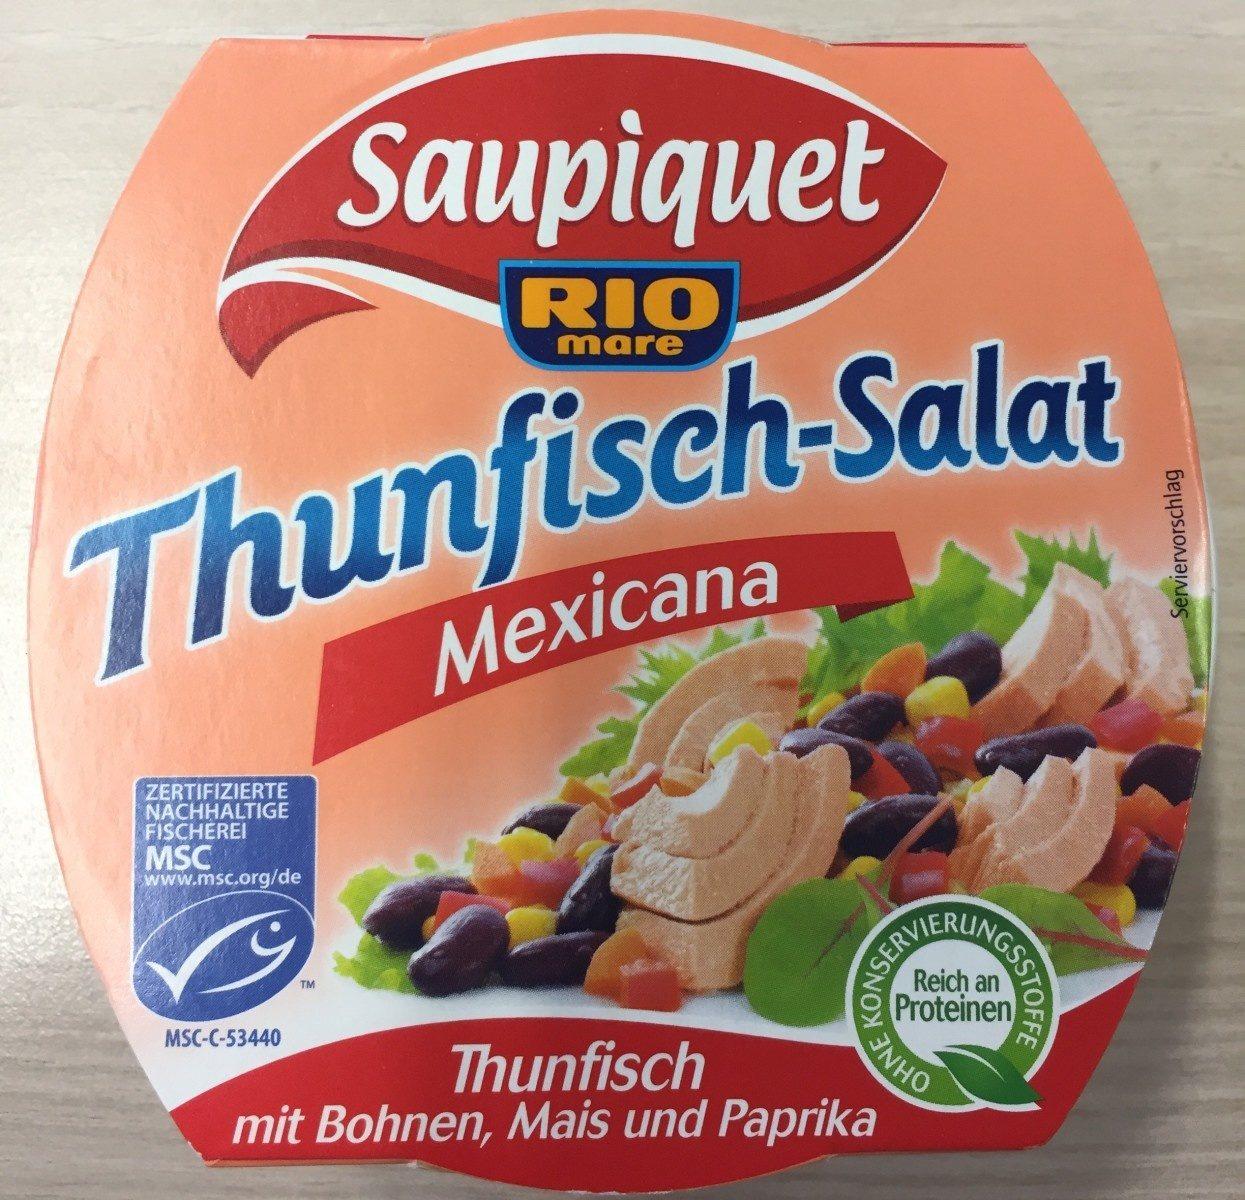 Thunfisch-Salat Mexicana - Produit - fr